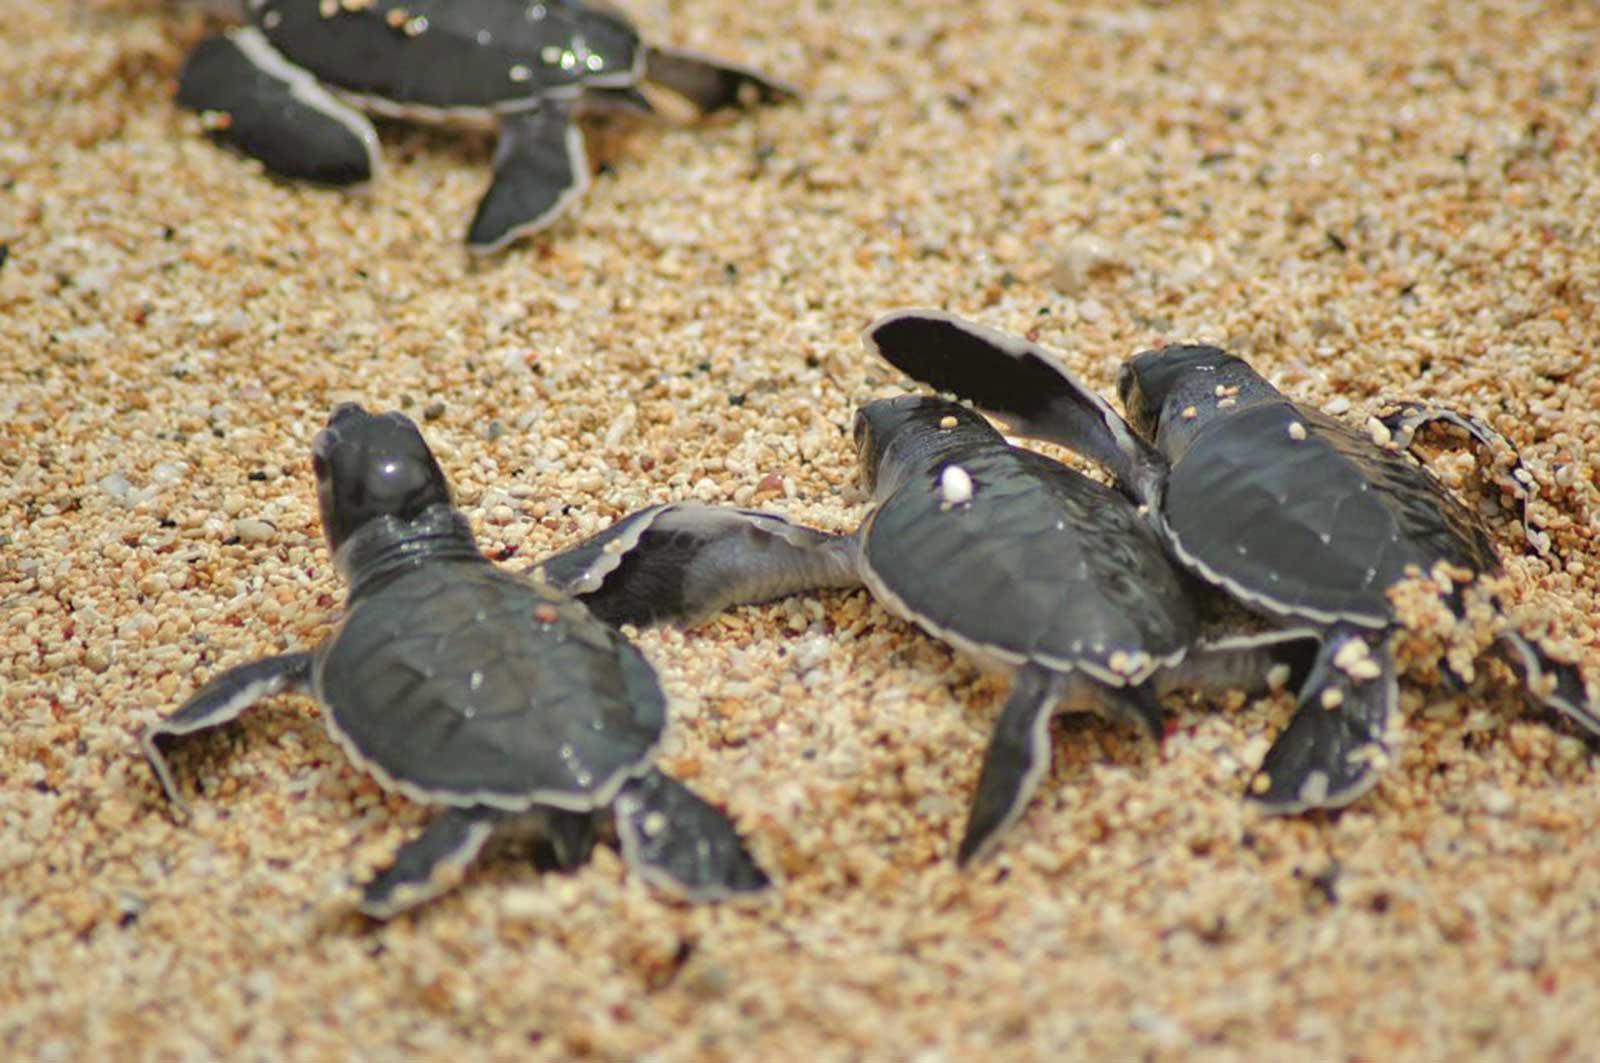 Sortie nocturne pour aller à l'encontre des tortues et de surveiller la ponte sur les plages de l'île de Principe entre septembre et avril